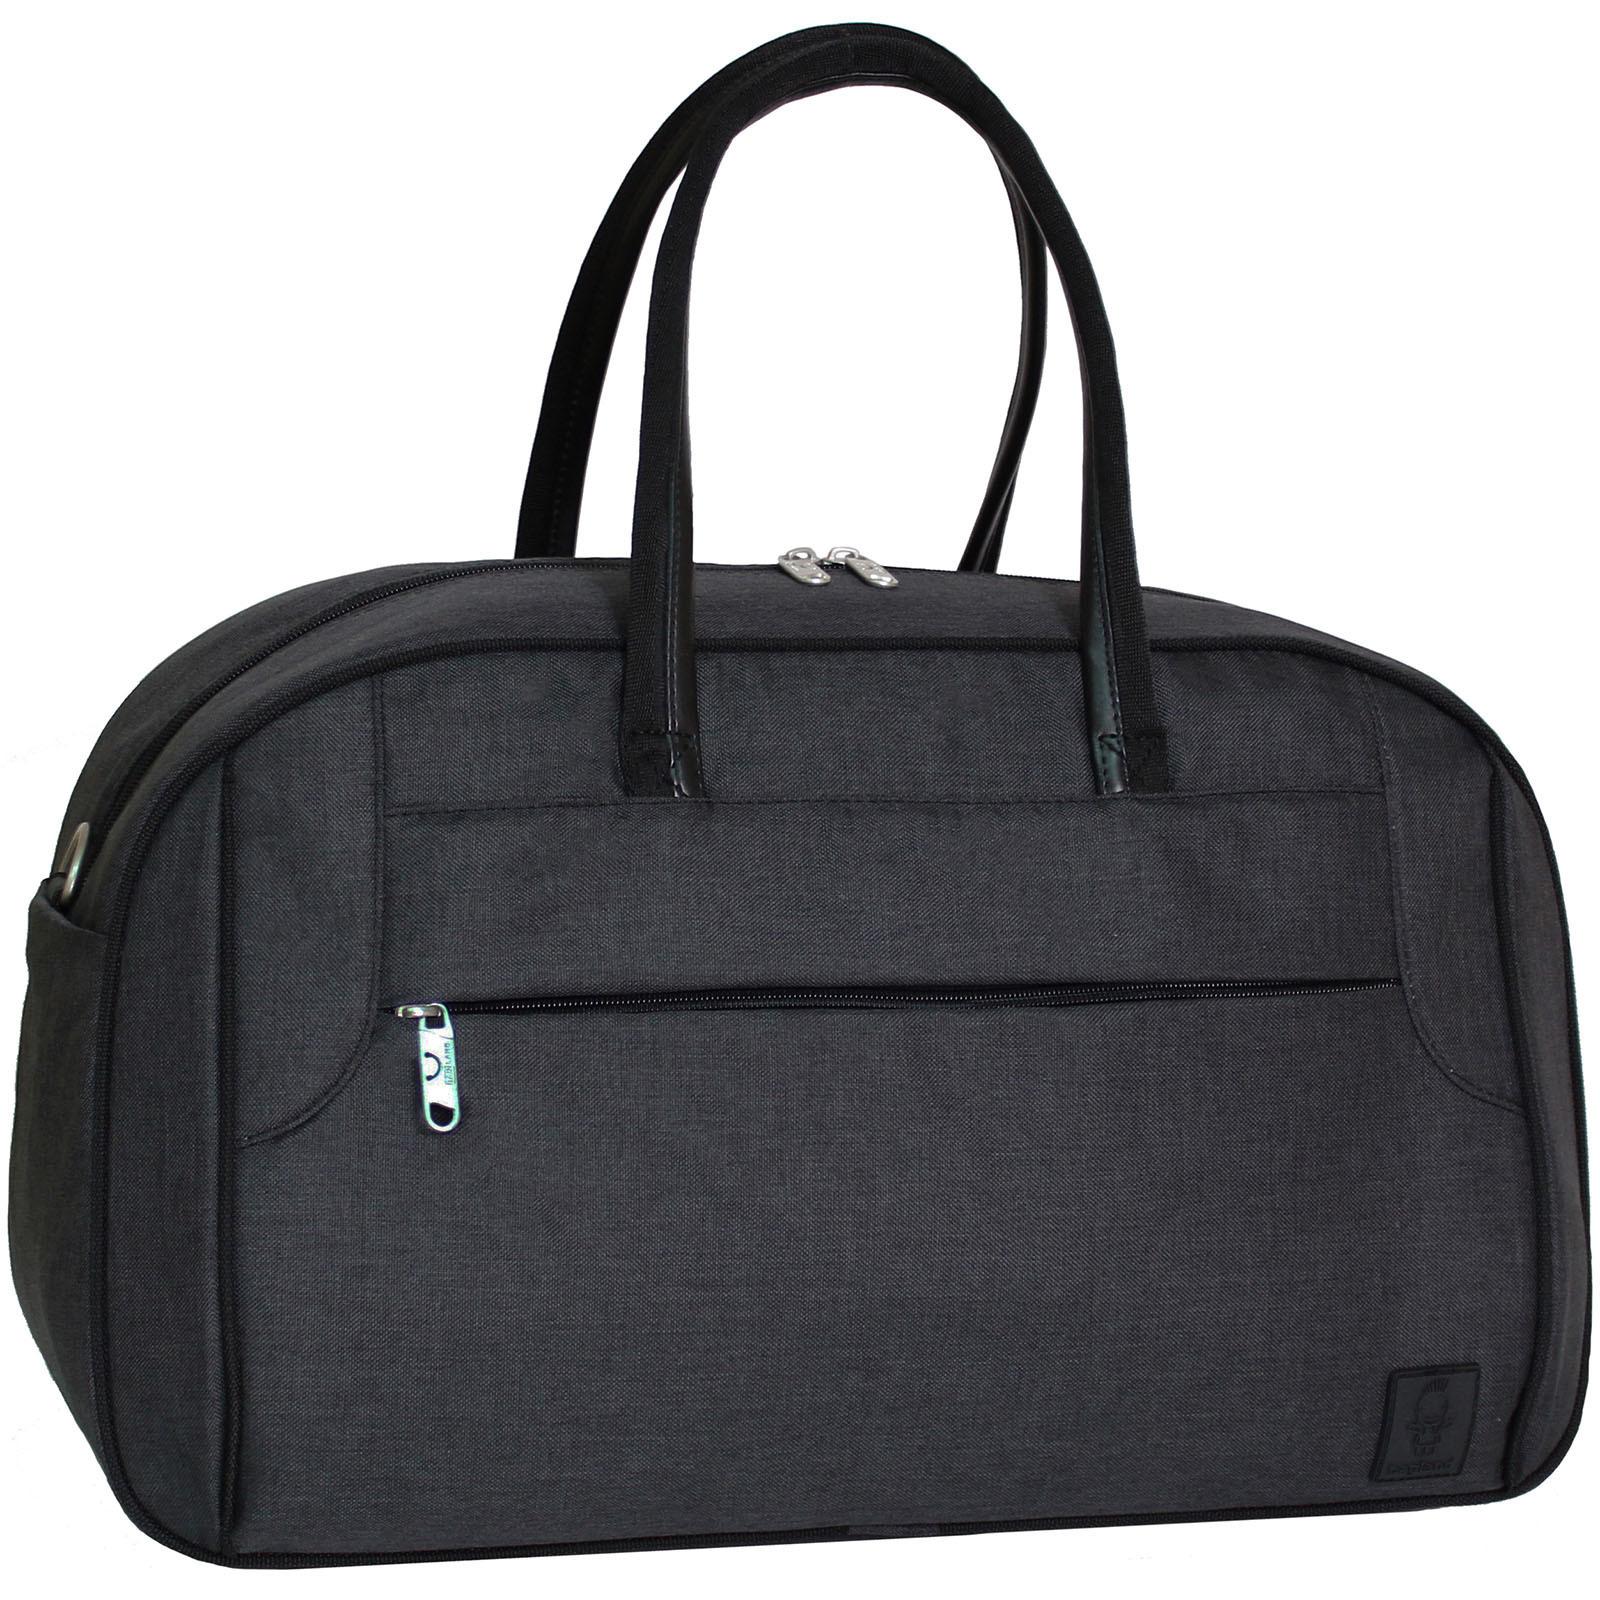 Дорожные сумки Сумка Bagland Тунис 34 л. Черный (0039069) IMG_2024.JPG